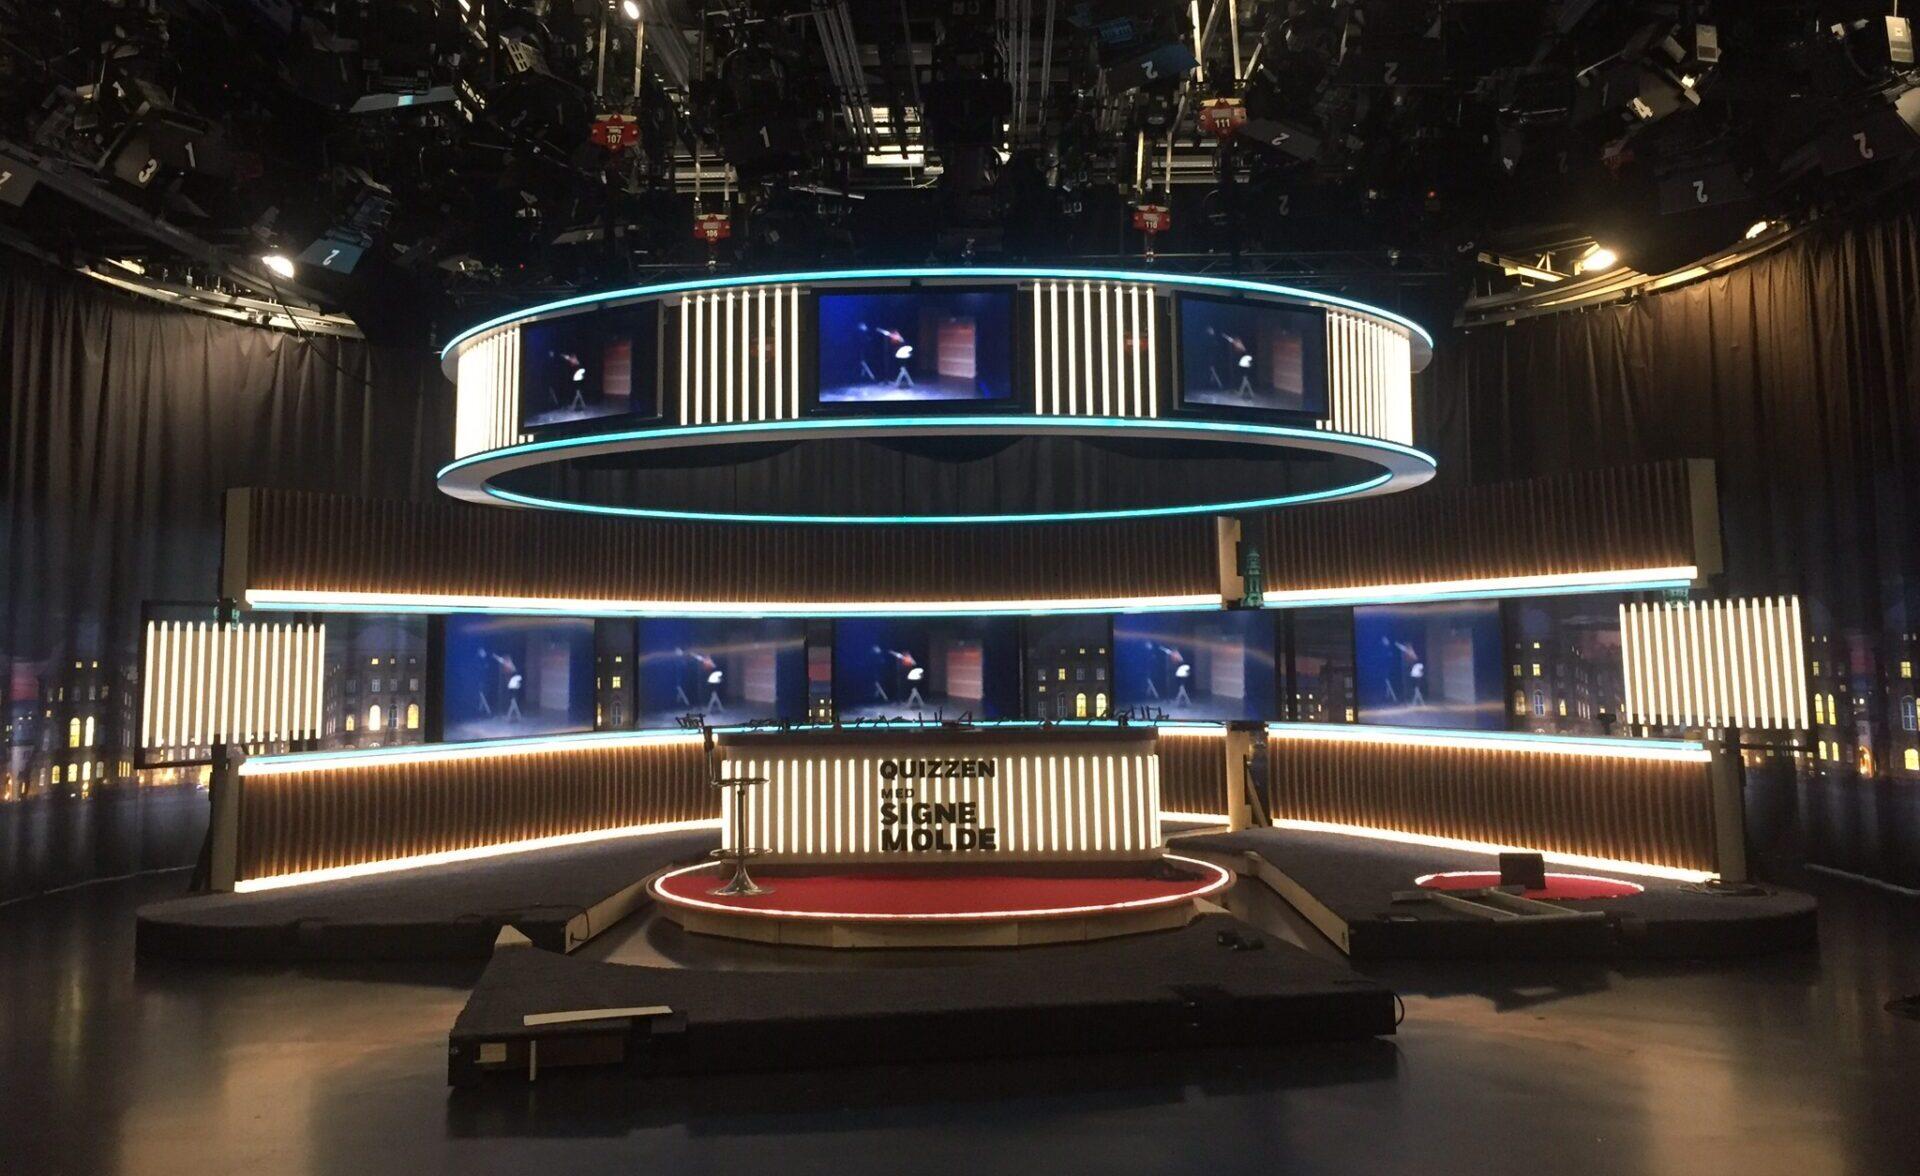 LED-belysning til TV-studie | +30 års erfaring | Instalight ApS